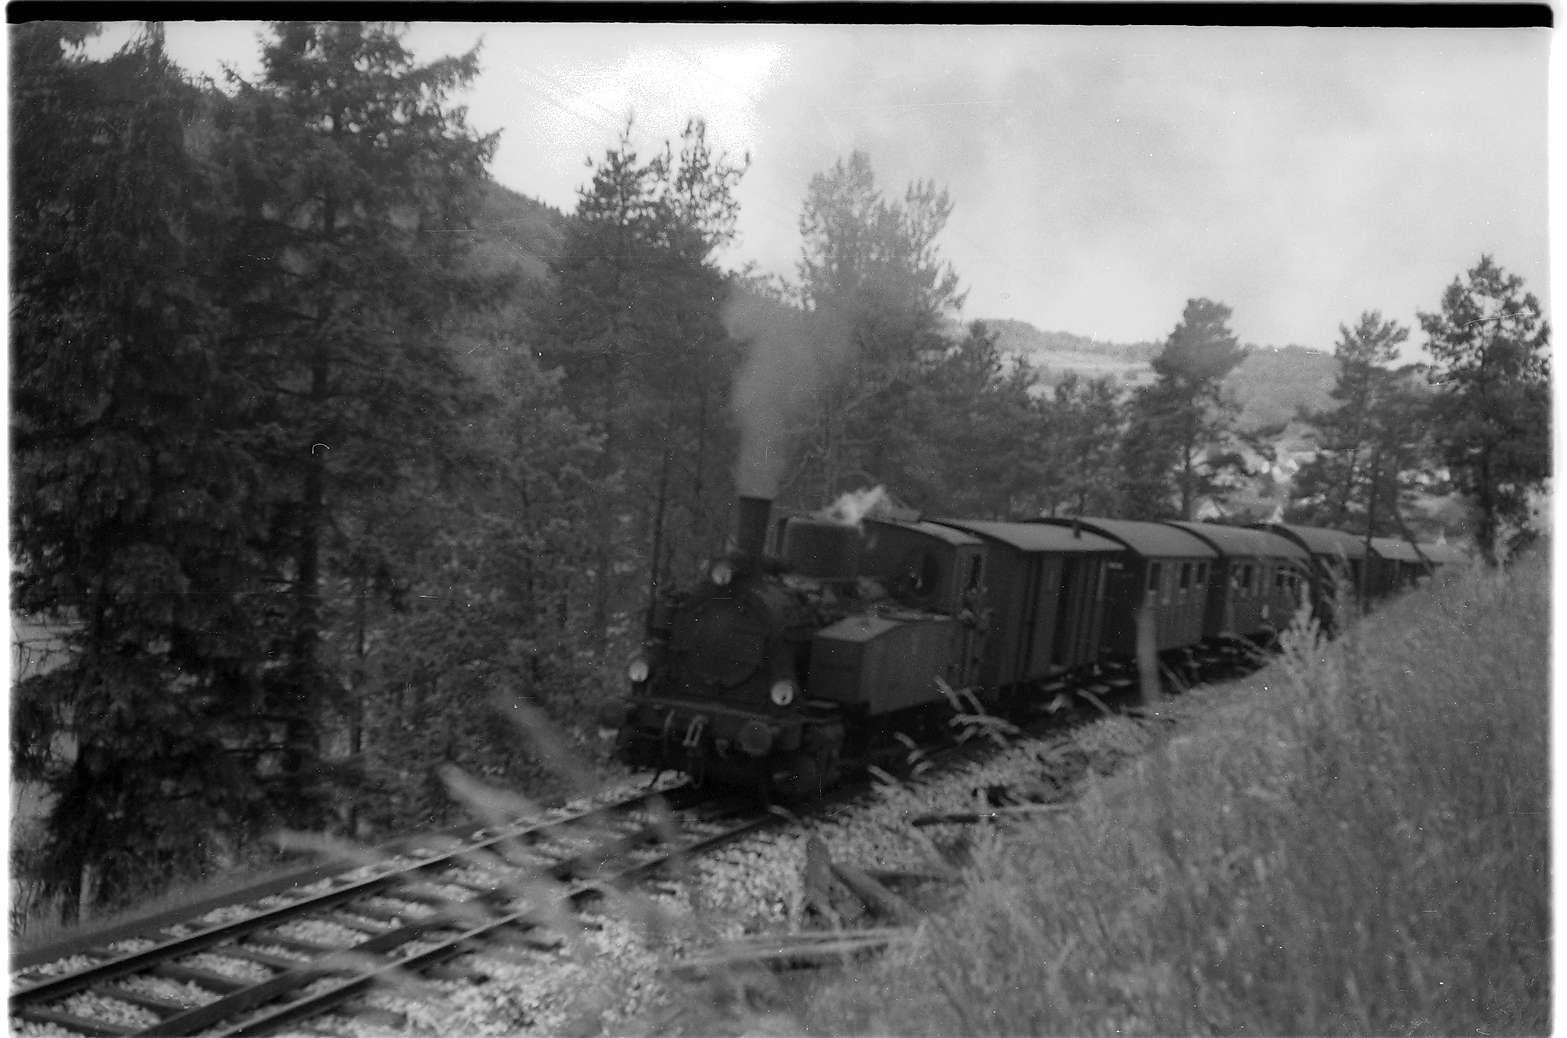 Strecke Neufra - Gammertingen, im Gleis liegen die neuen Schienen der Form S49, welche die Oberbauform 6 ersetzten, Bild 1